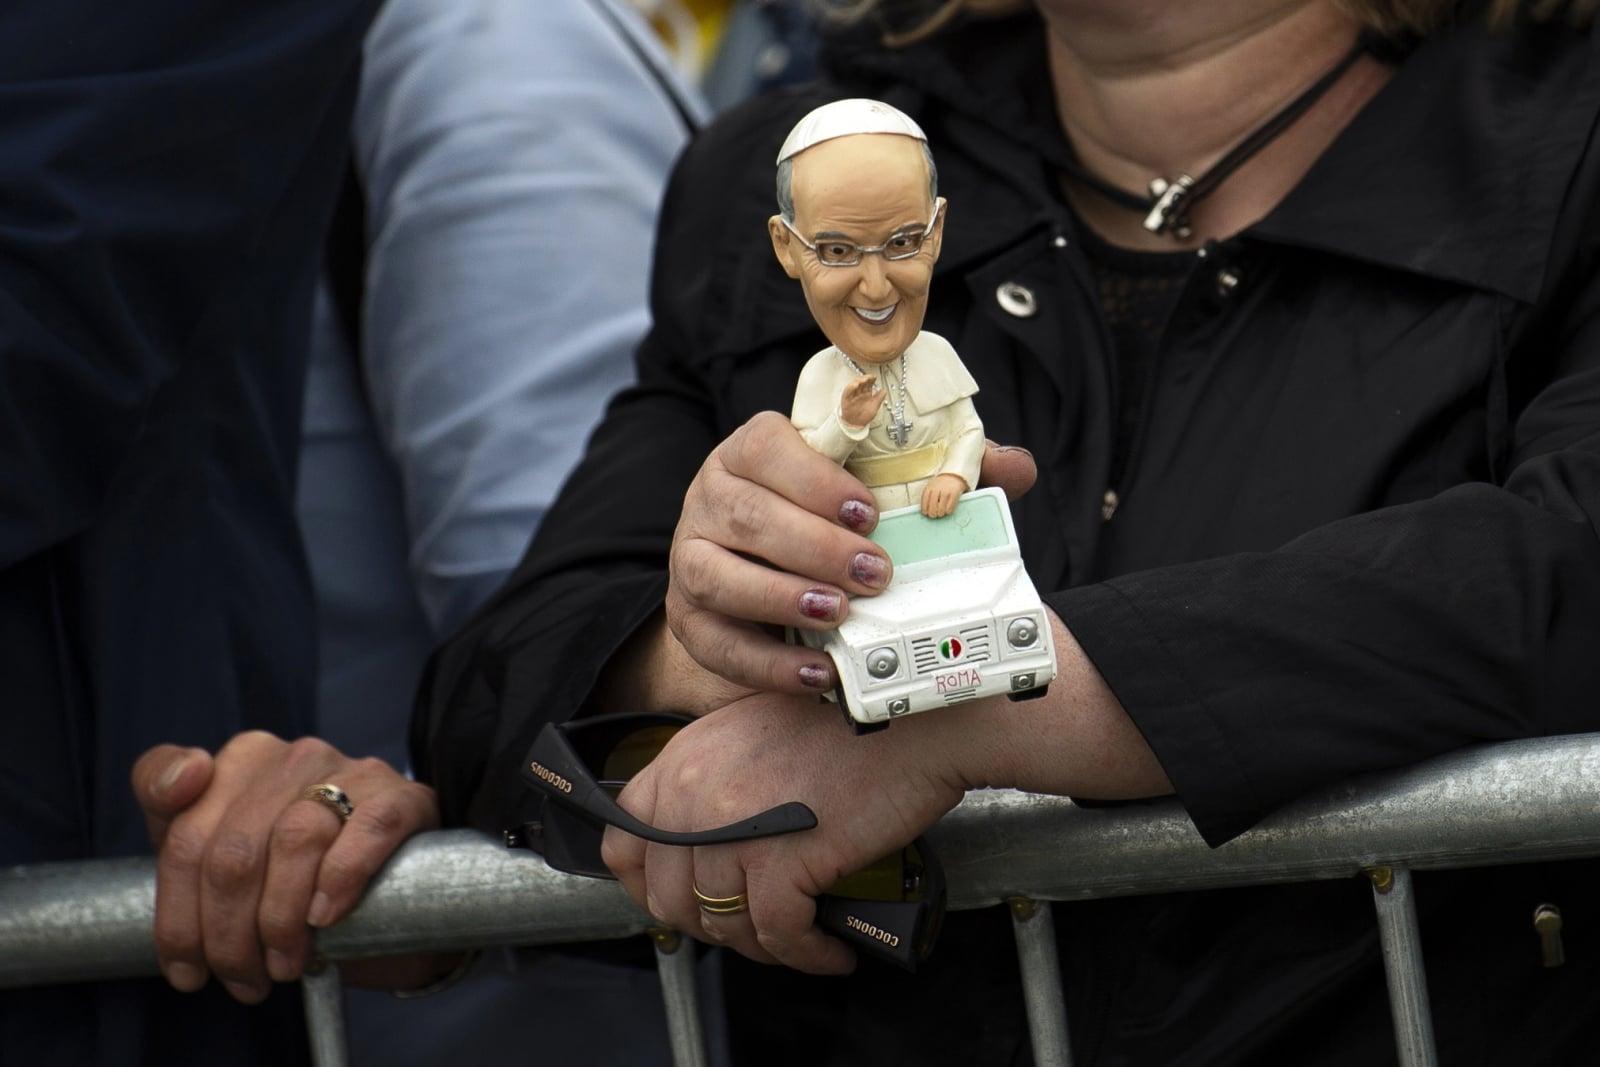 Pielgrzymka papieża Franciszka do Irlandii   EPA/WILL OLIVER